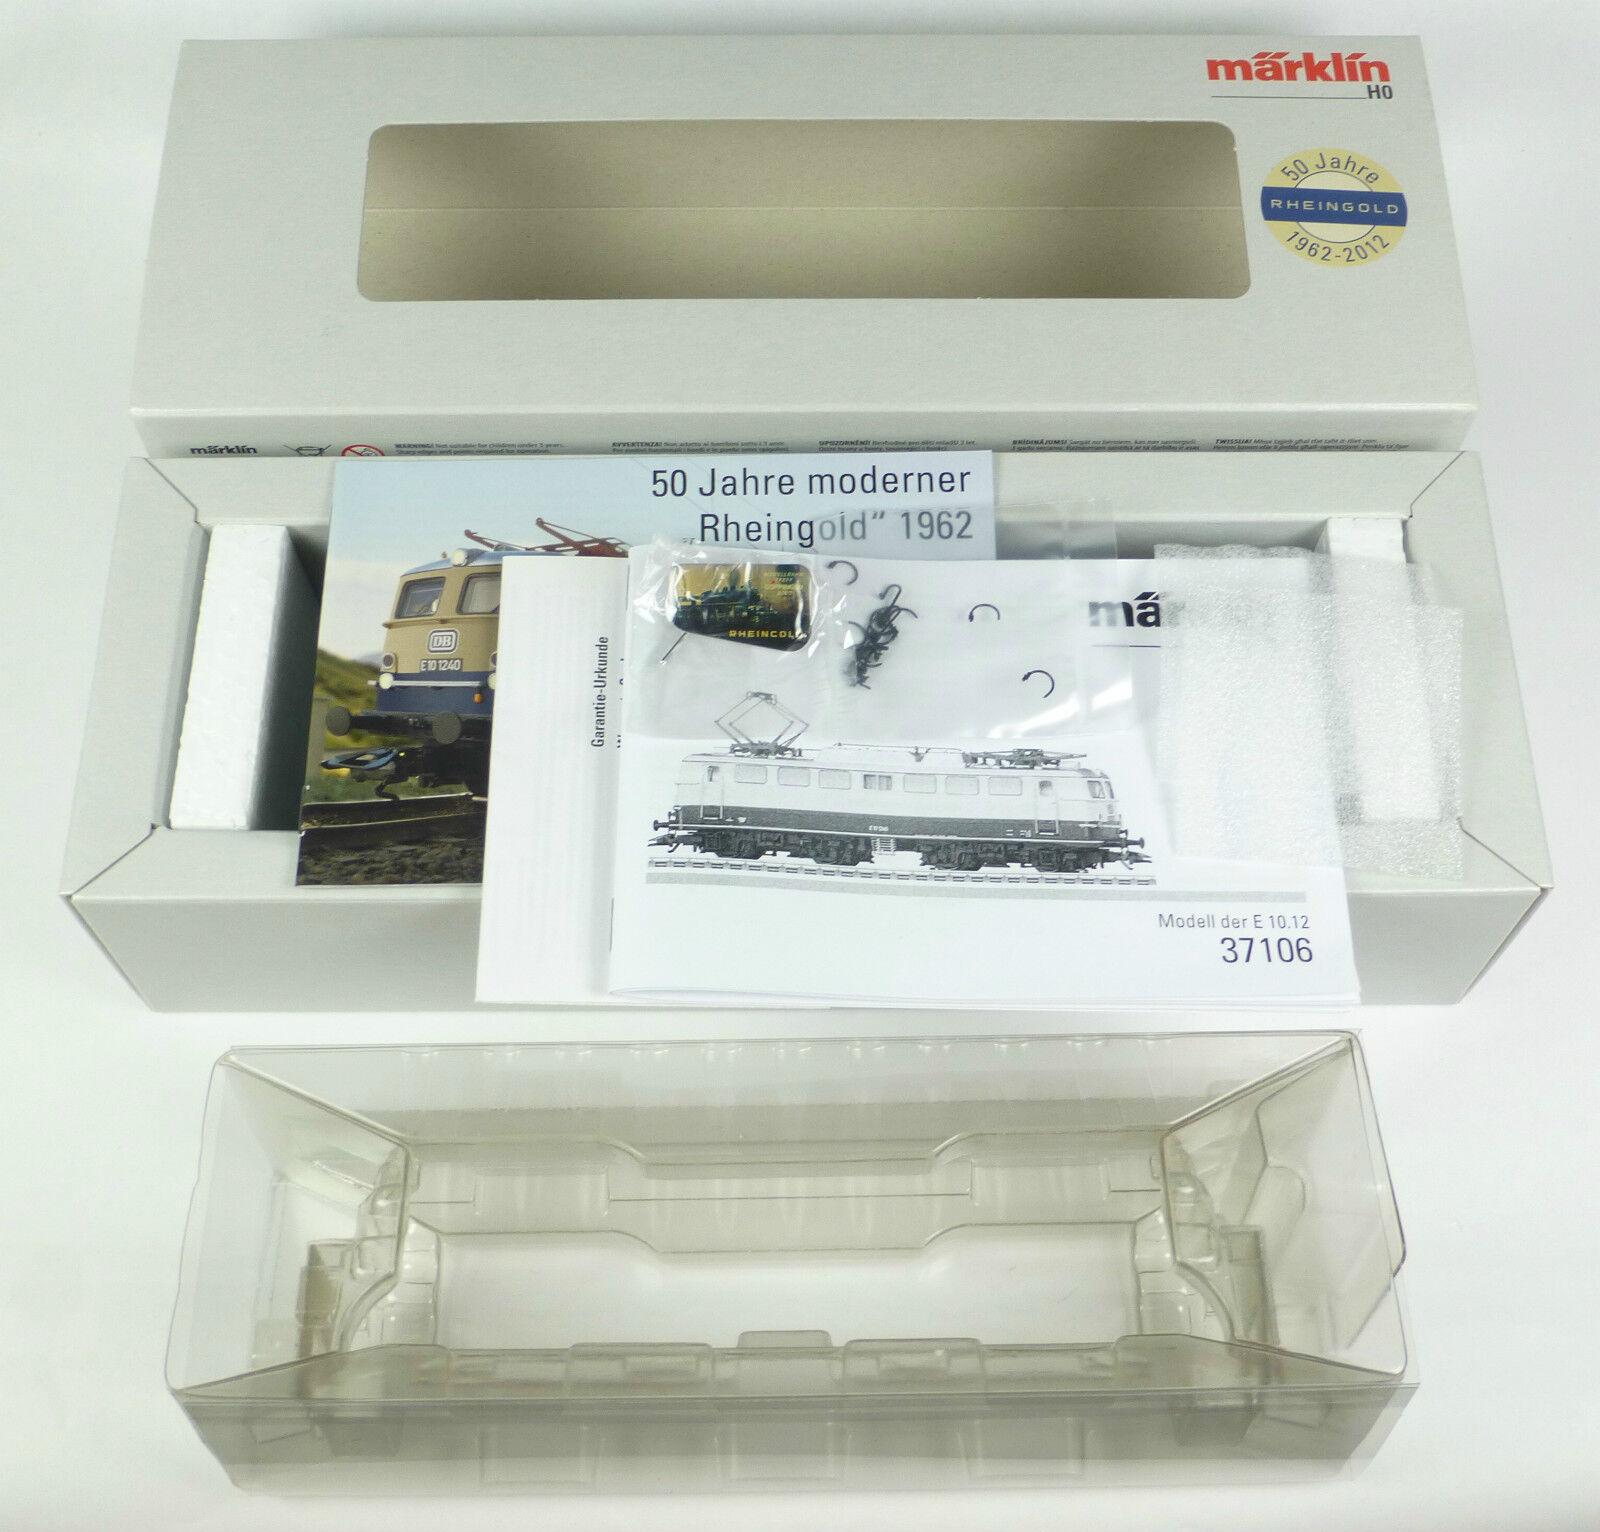 Märklin cartón vacía 37106 e-Lok br e 10.12 Rin oro mfx Digital Sound OVP 37107